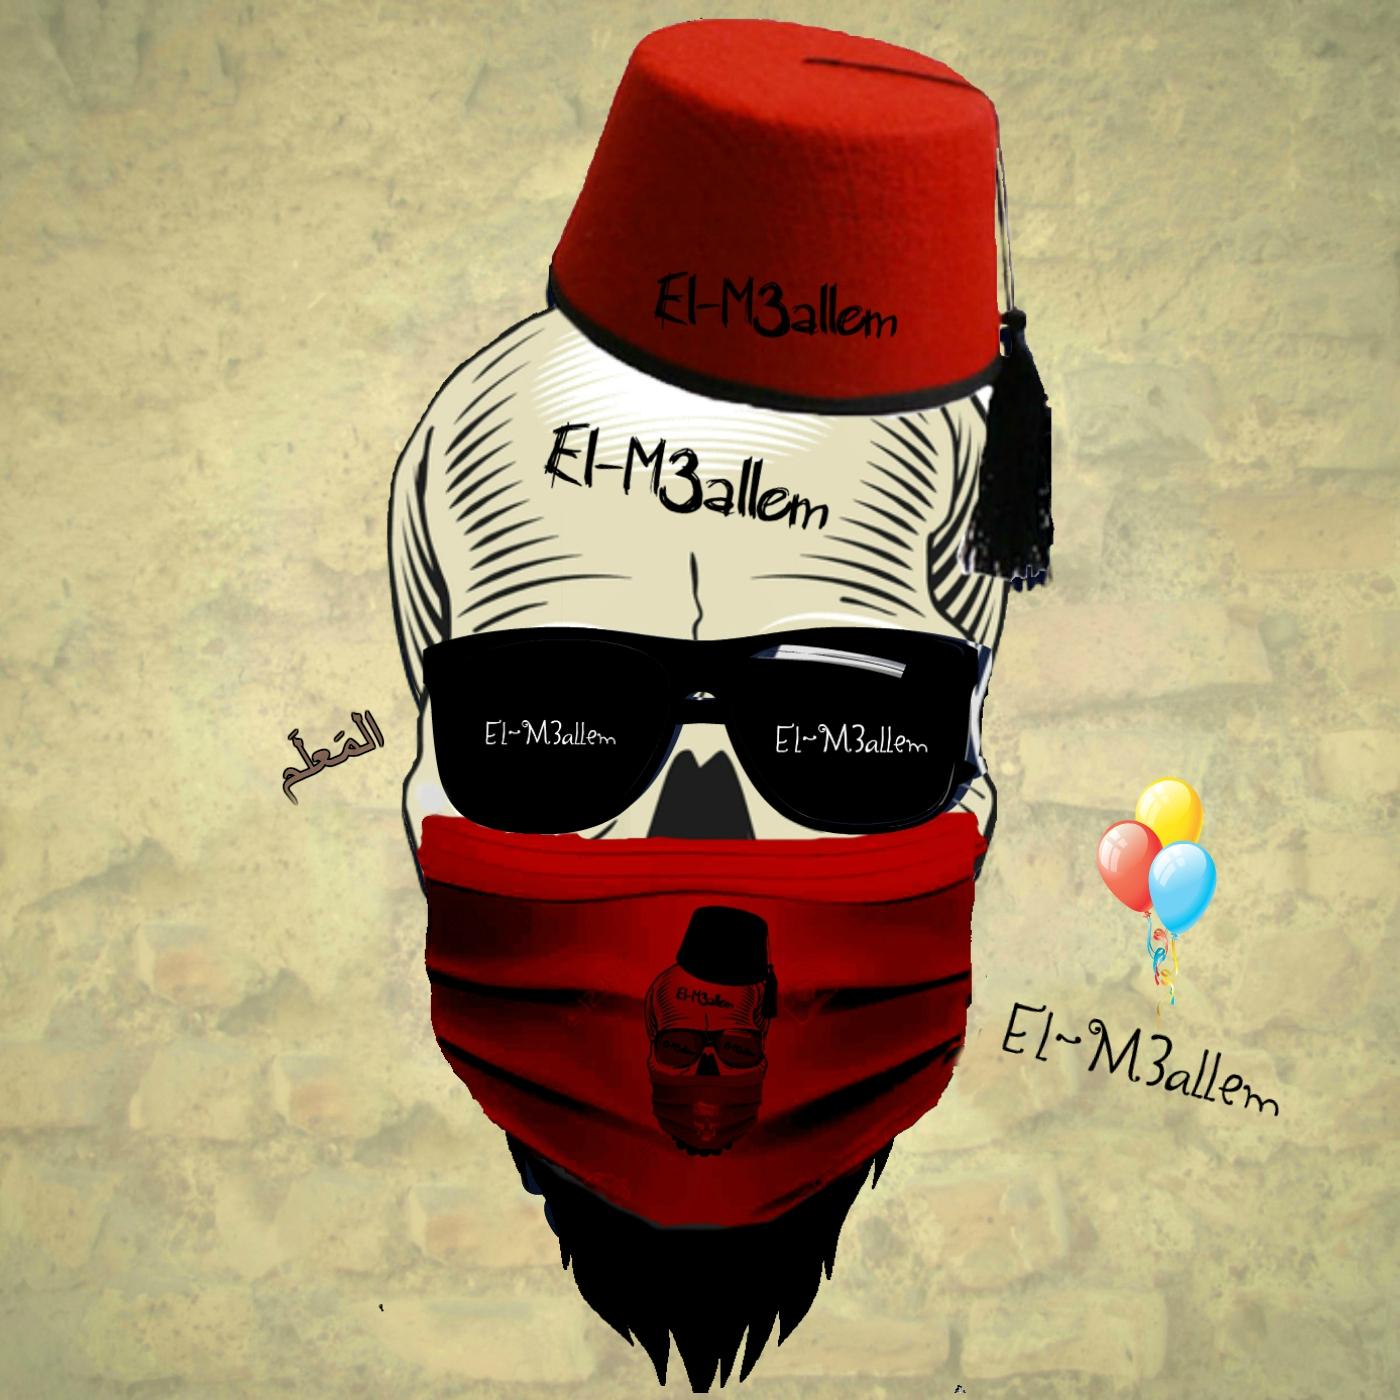 El-M3allem